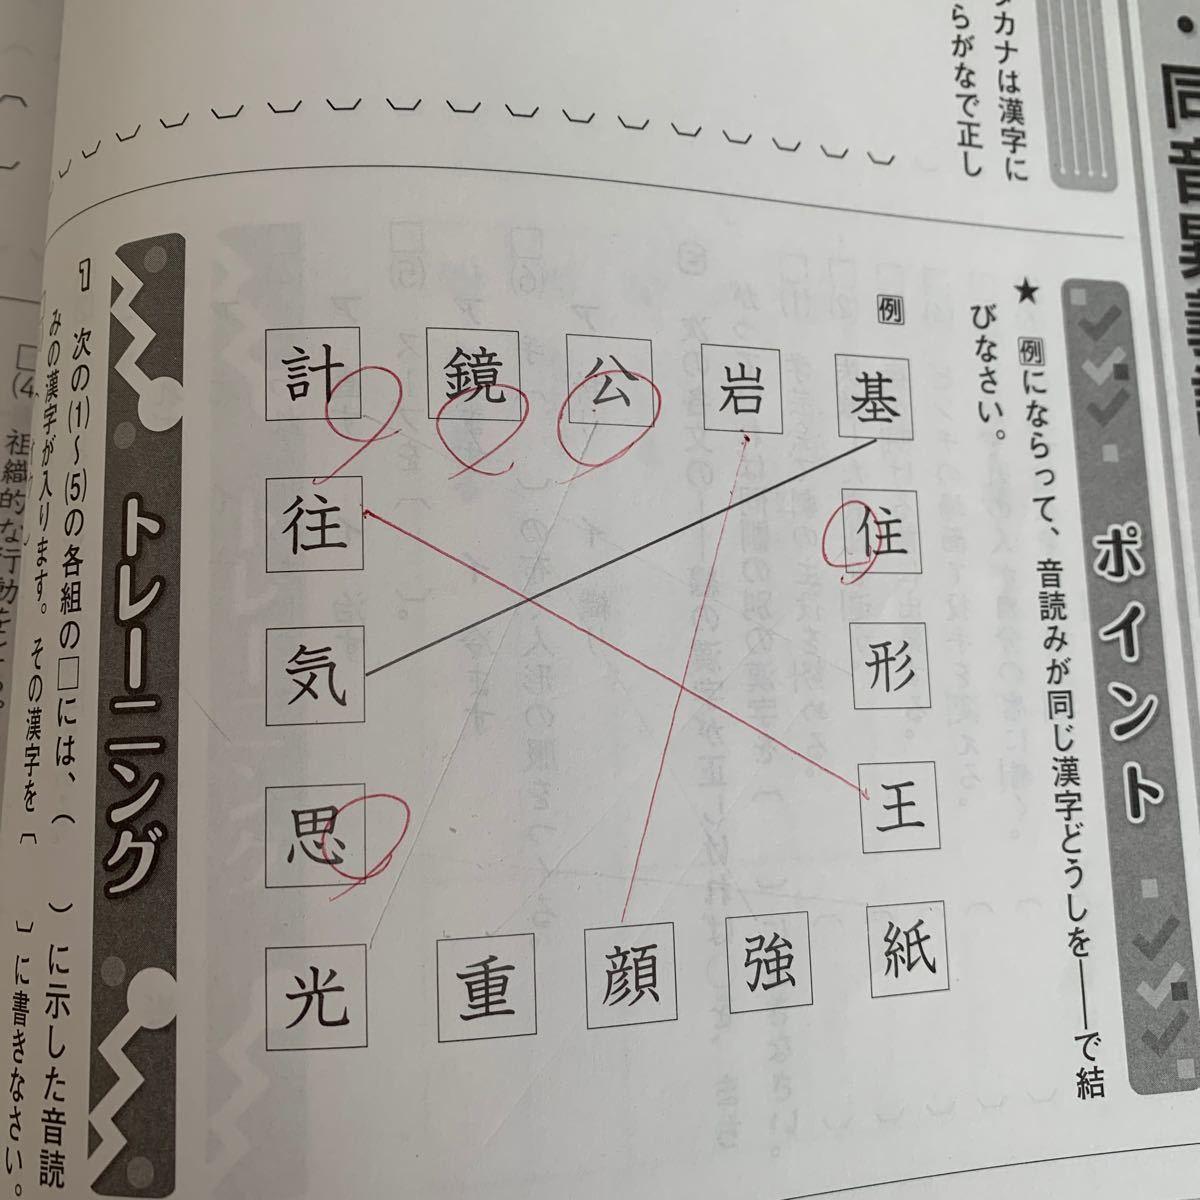 中学受験 新演習 サマートレーニング 国語 小5 問題集